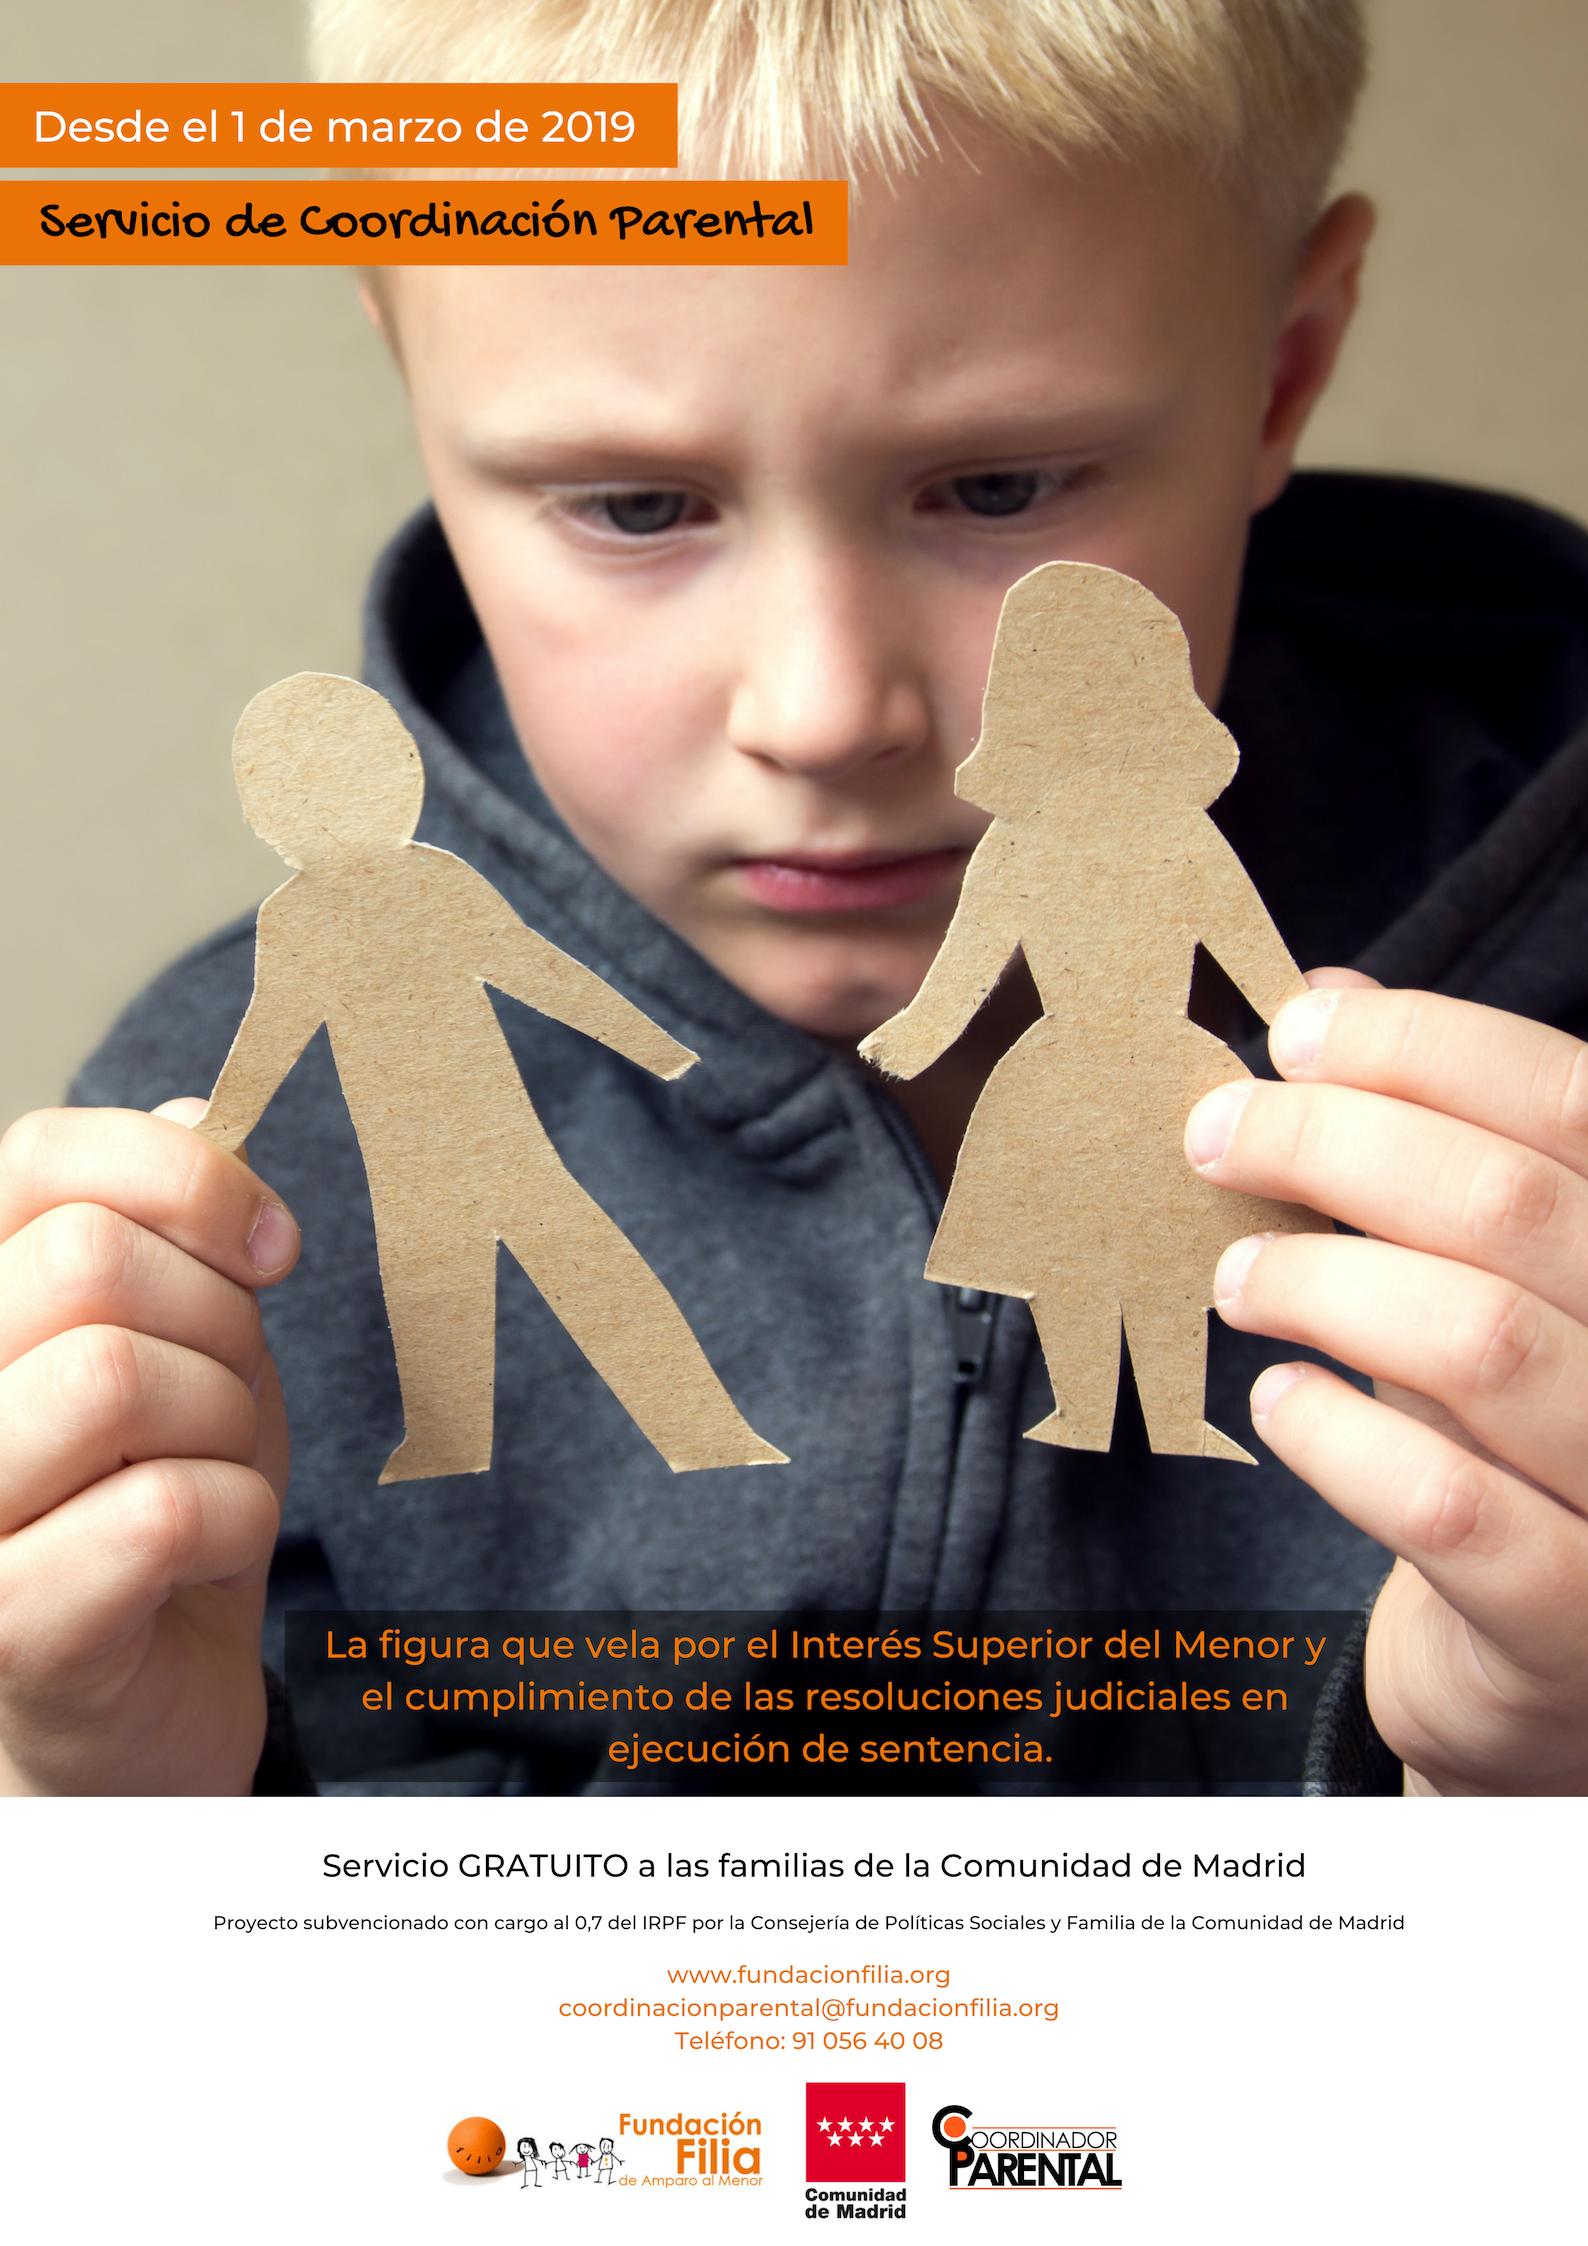 Servicio de Coordinación Parental de la COMUNIDAD DE MADRID